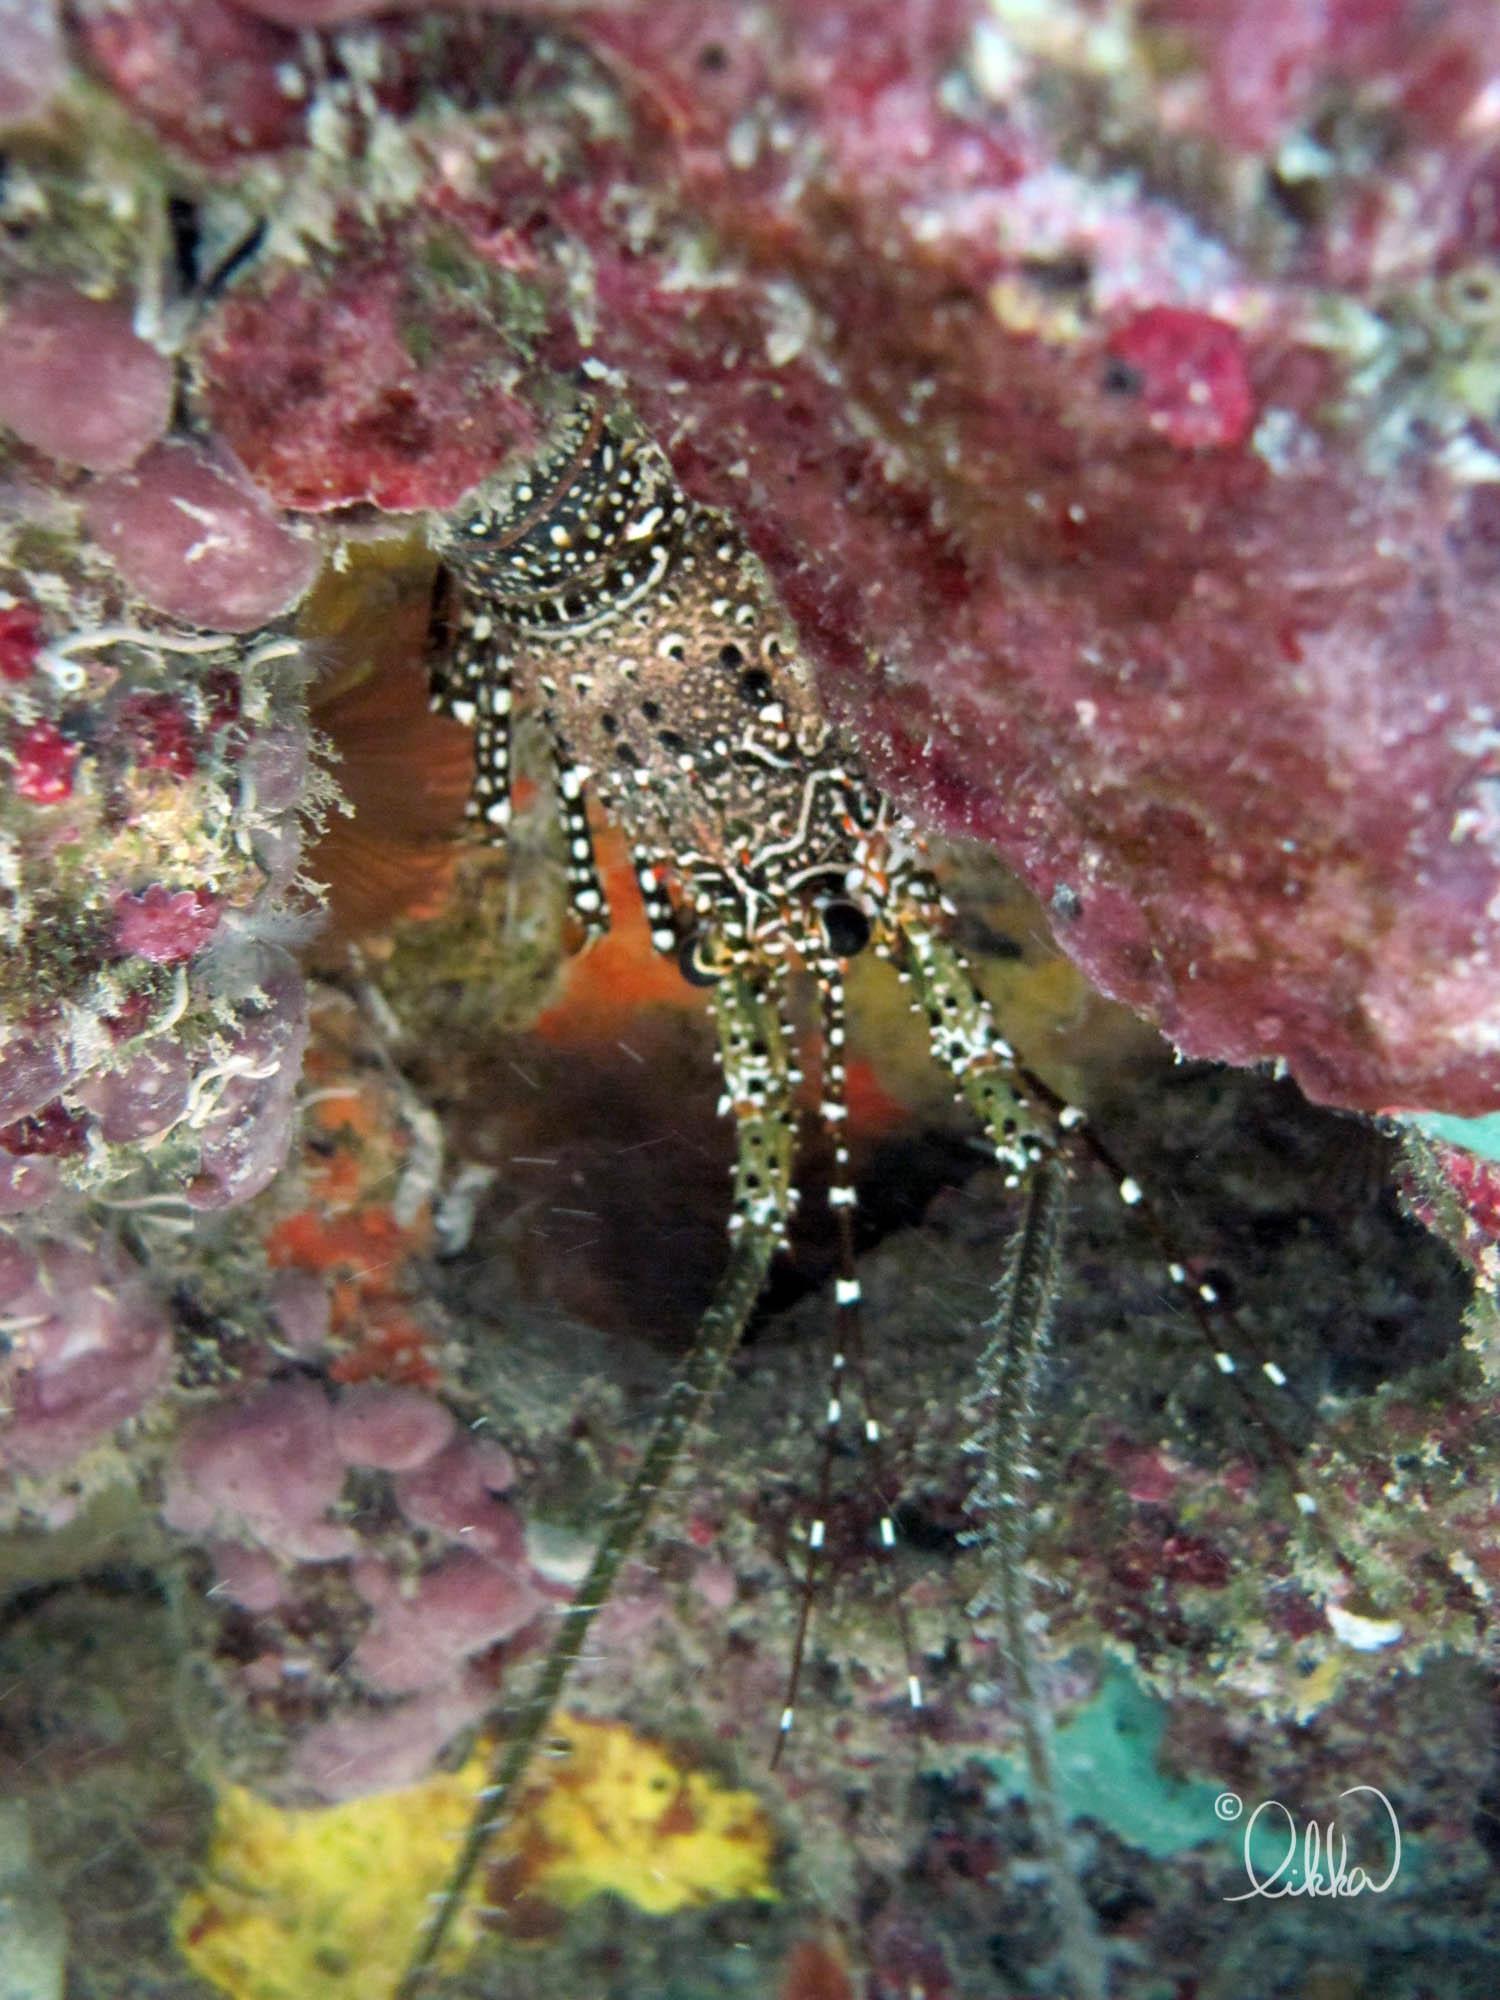 underwater-snorkeling-fish-likka-8.jpg